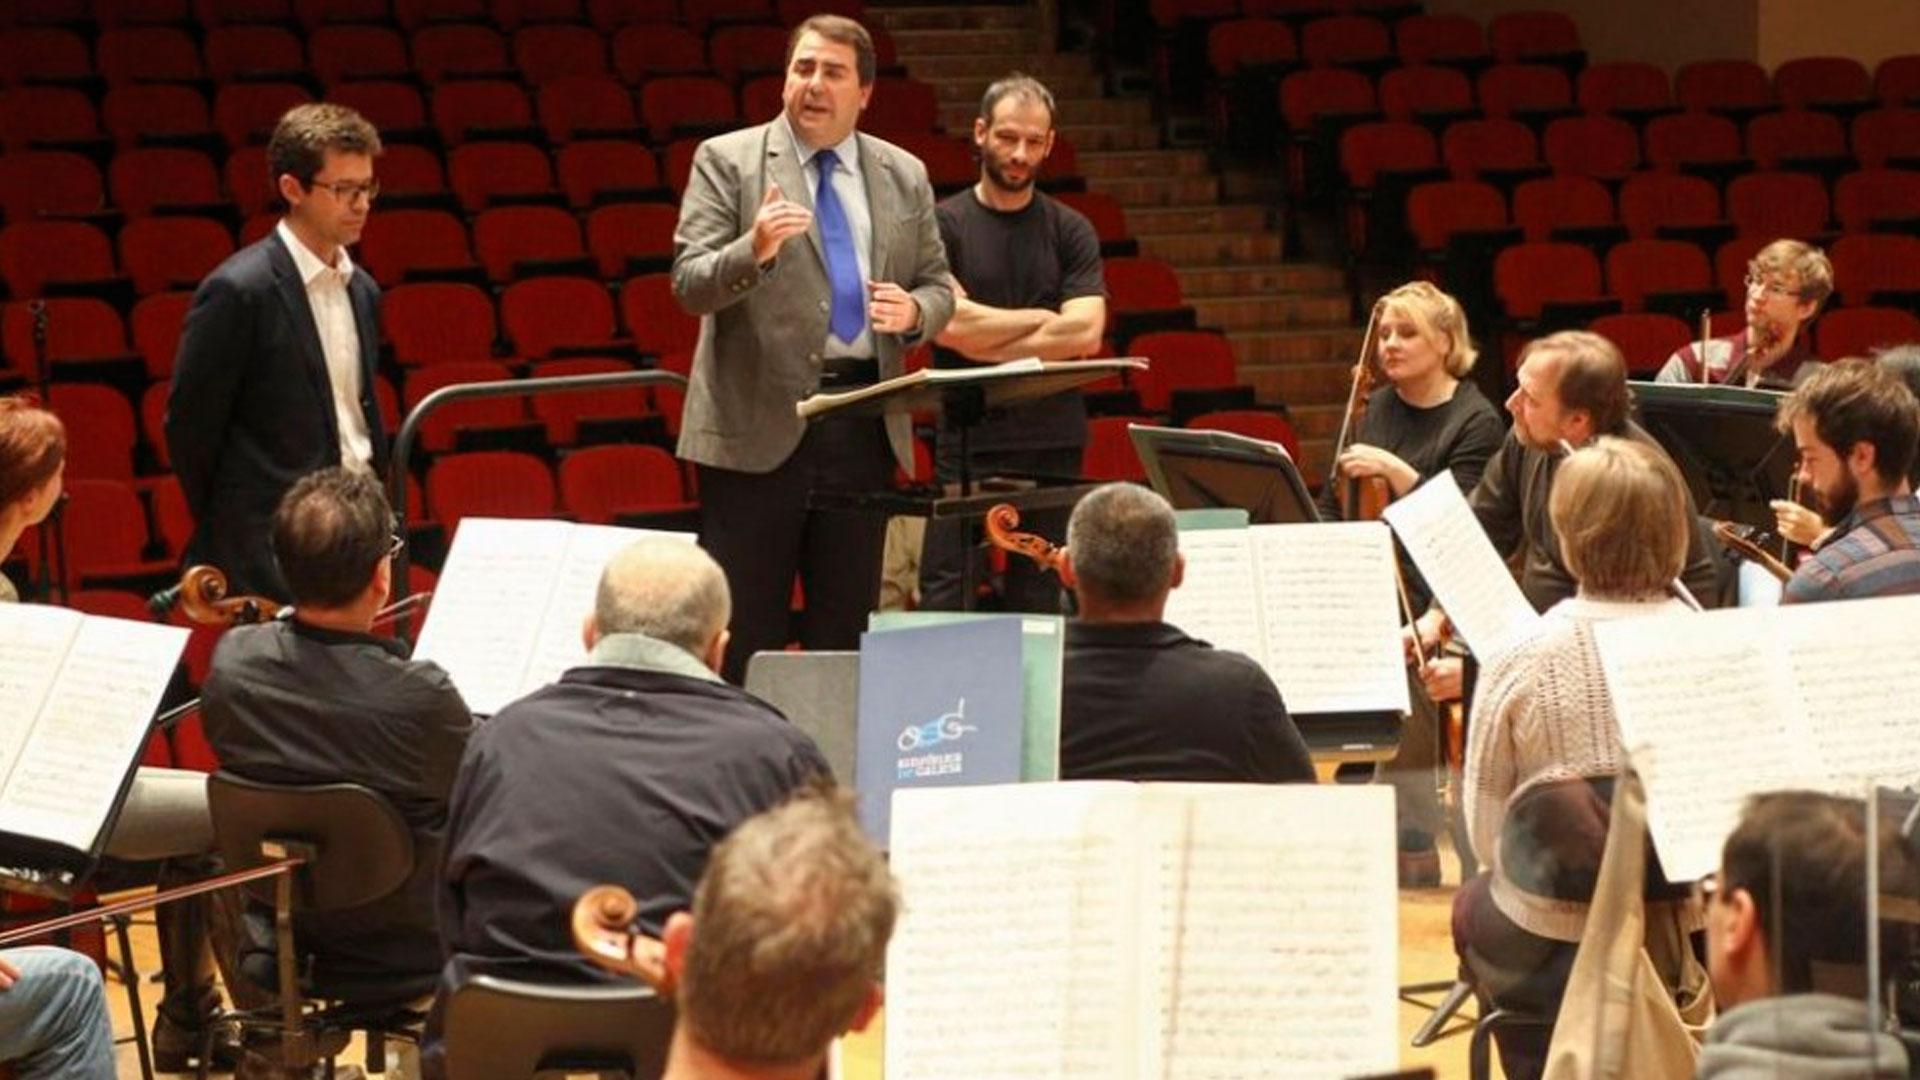 El Consorcio para la Promoción de la Música y Fundación Repsol renuevan su compromiso con las actividades de la Orquesta Sinfónica de Galicia